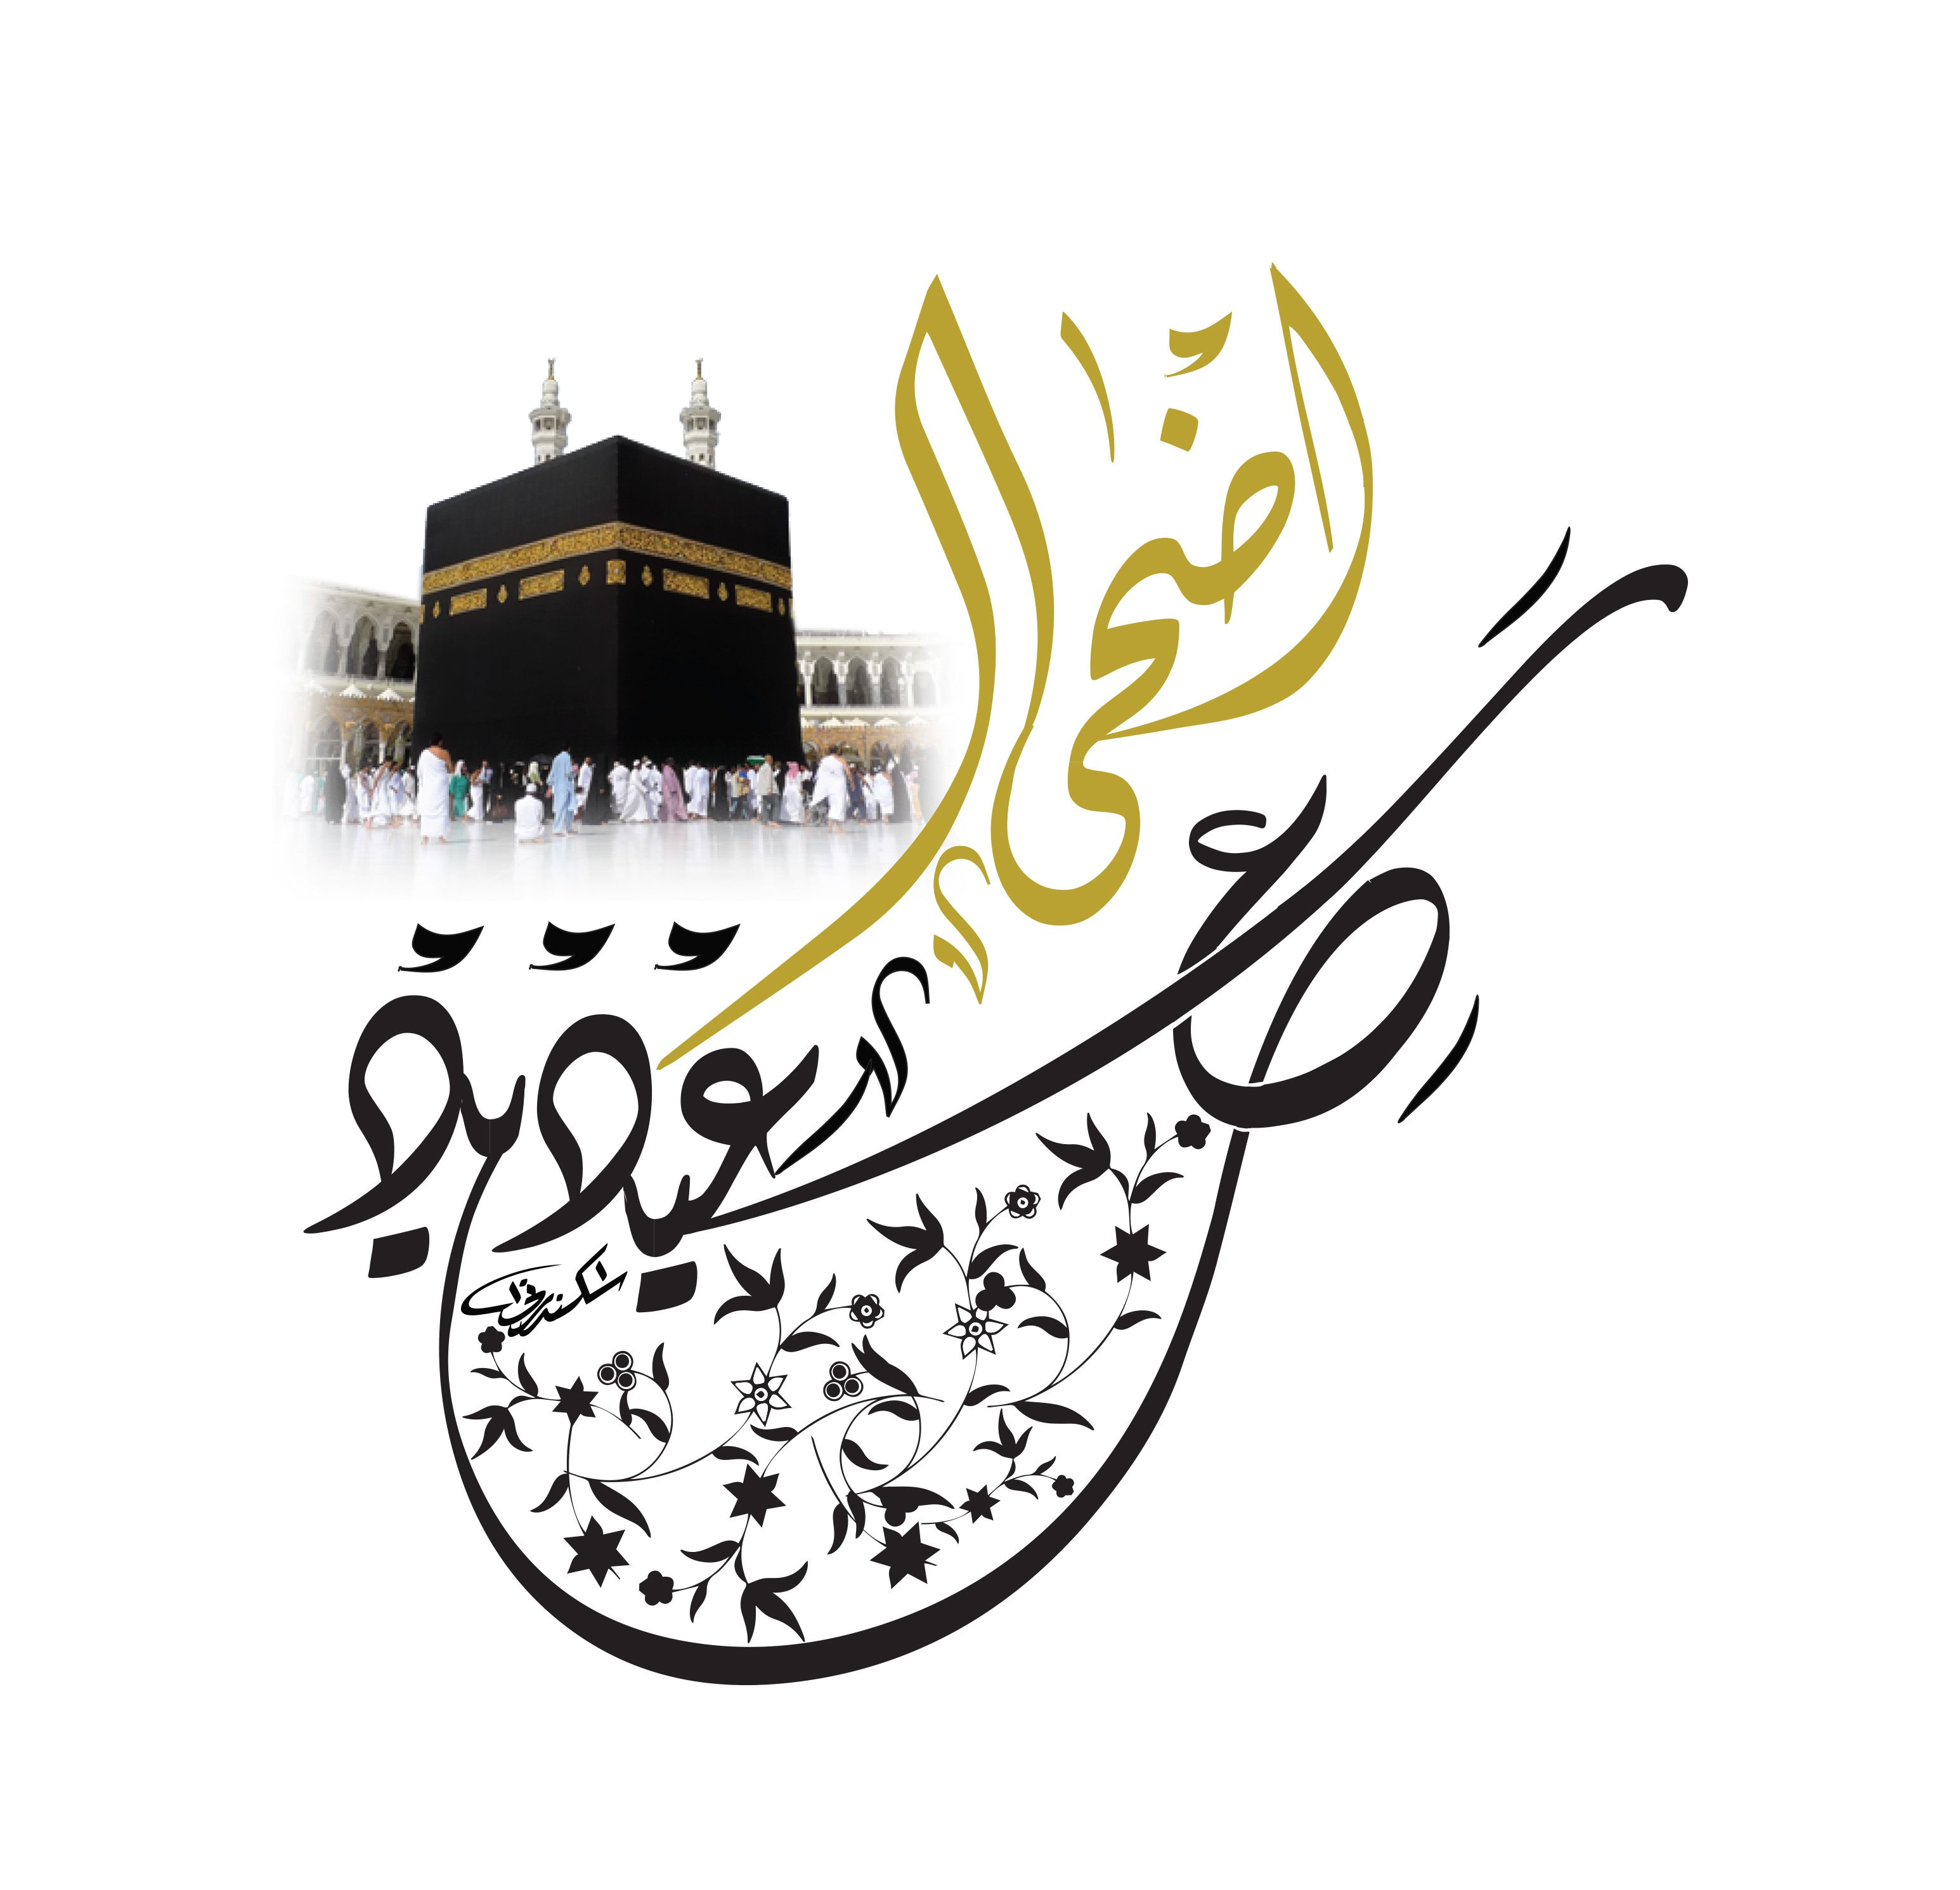 عيد اضحى سعيد بخط الديواني من اعمال الخطاط احمد اسكندراني في مدينة جدة حج ١٤٤٠ Eid Greetings Islamic Art Greetings